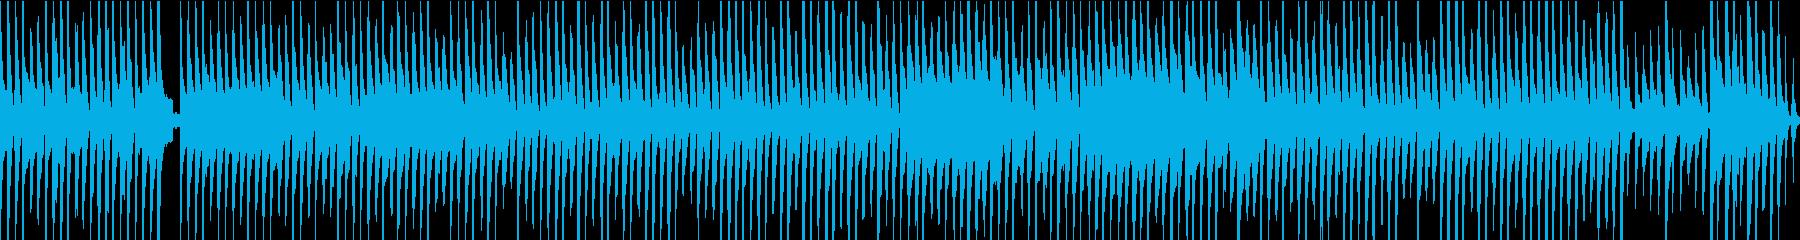 琴他が奏でるほのぼのワルツ(ループ)の再生済みの波形